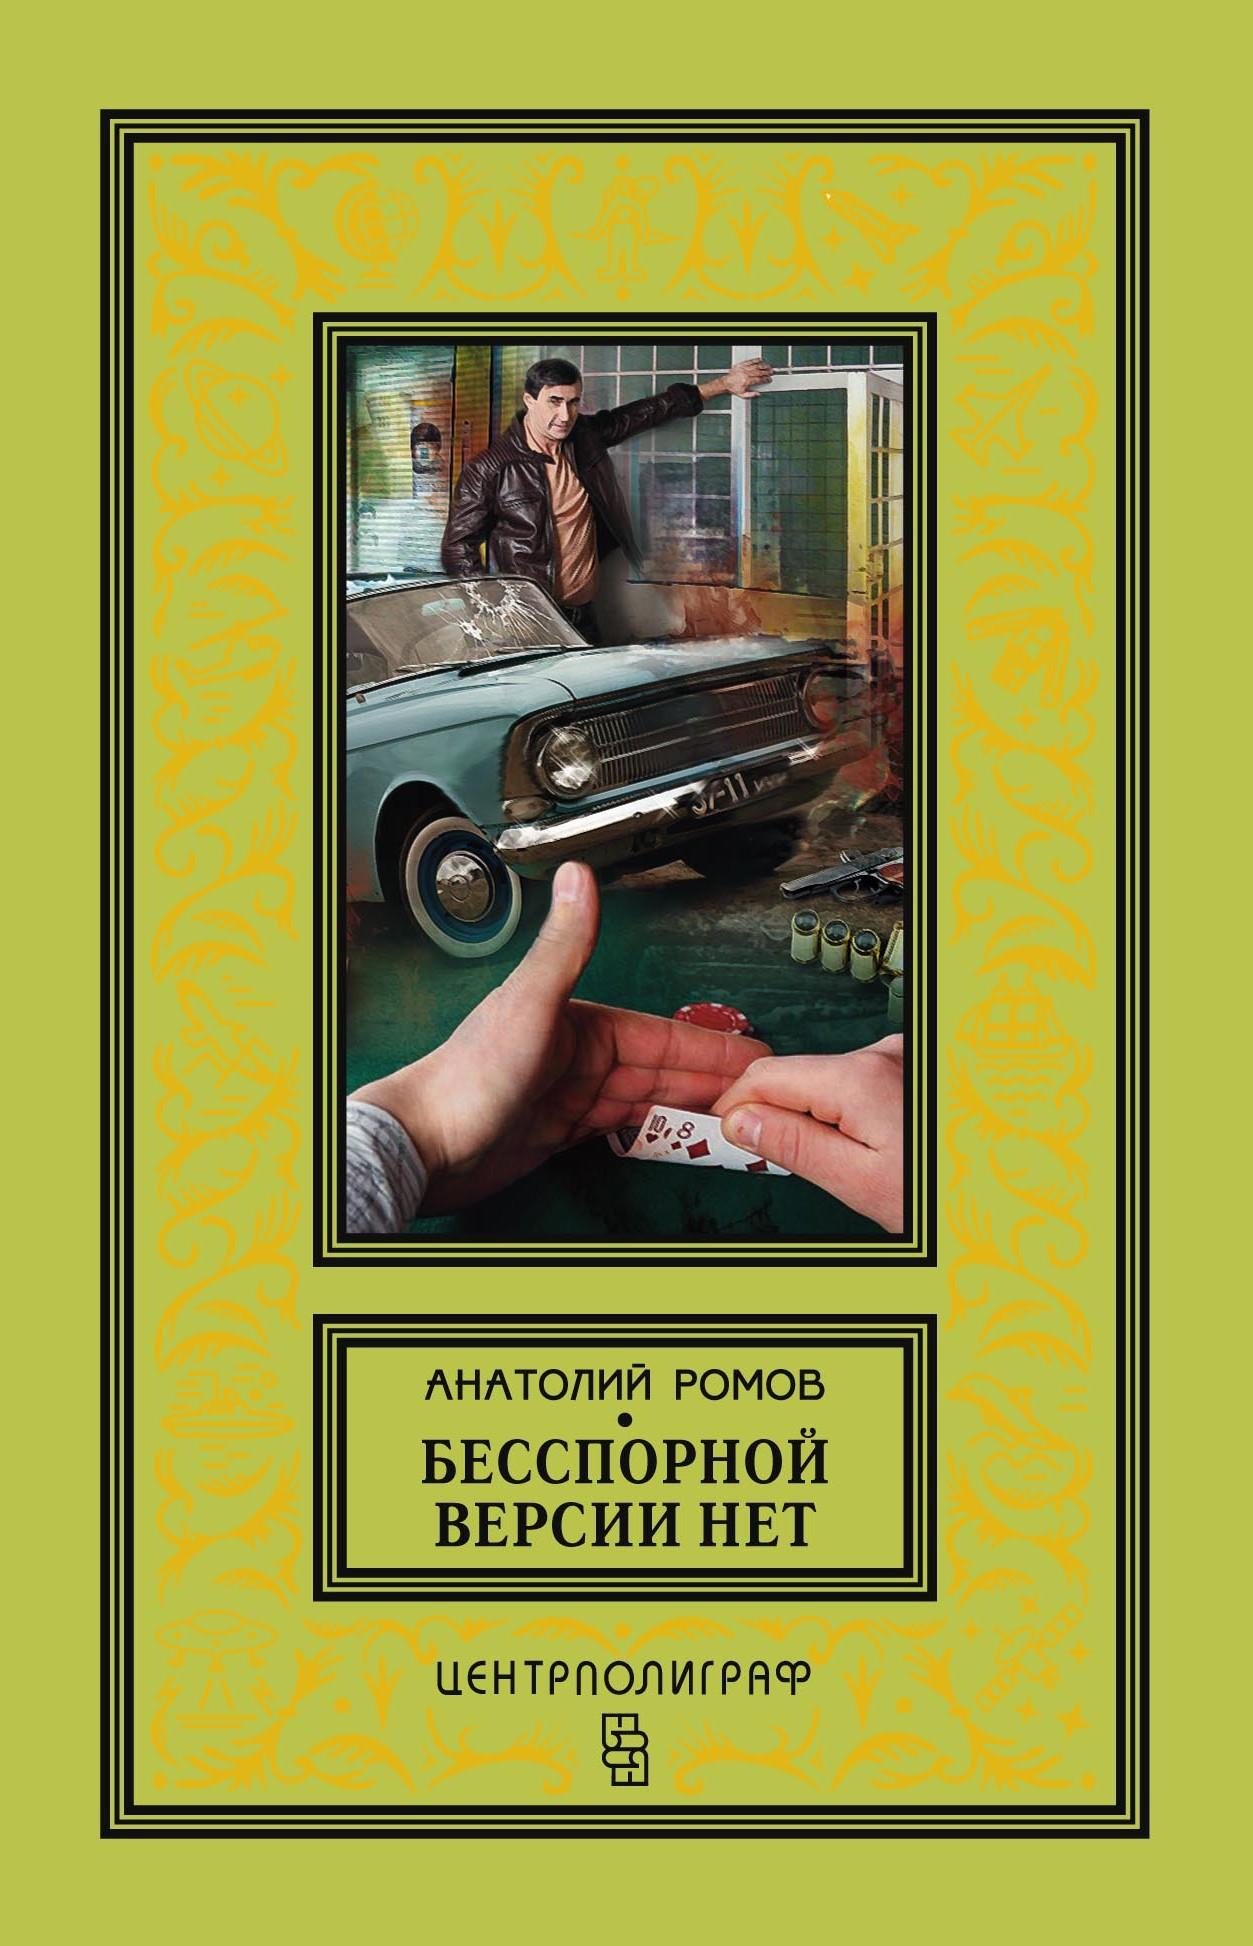 Анатолий Ромов Бесспорной версии нет (сборник) анатолий ромов совсем другая тень